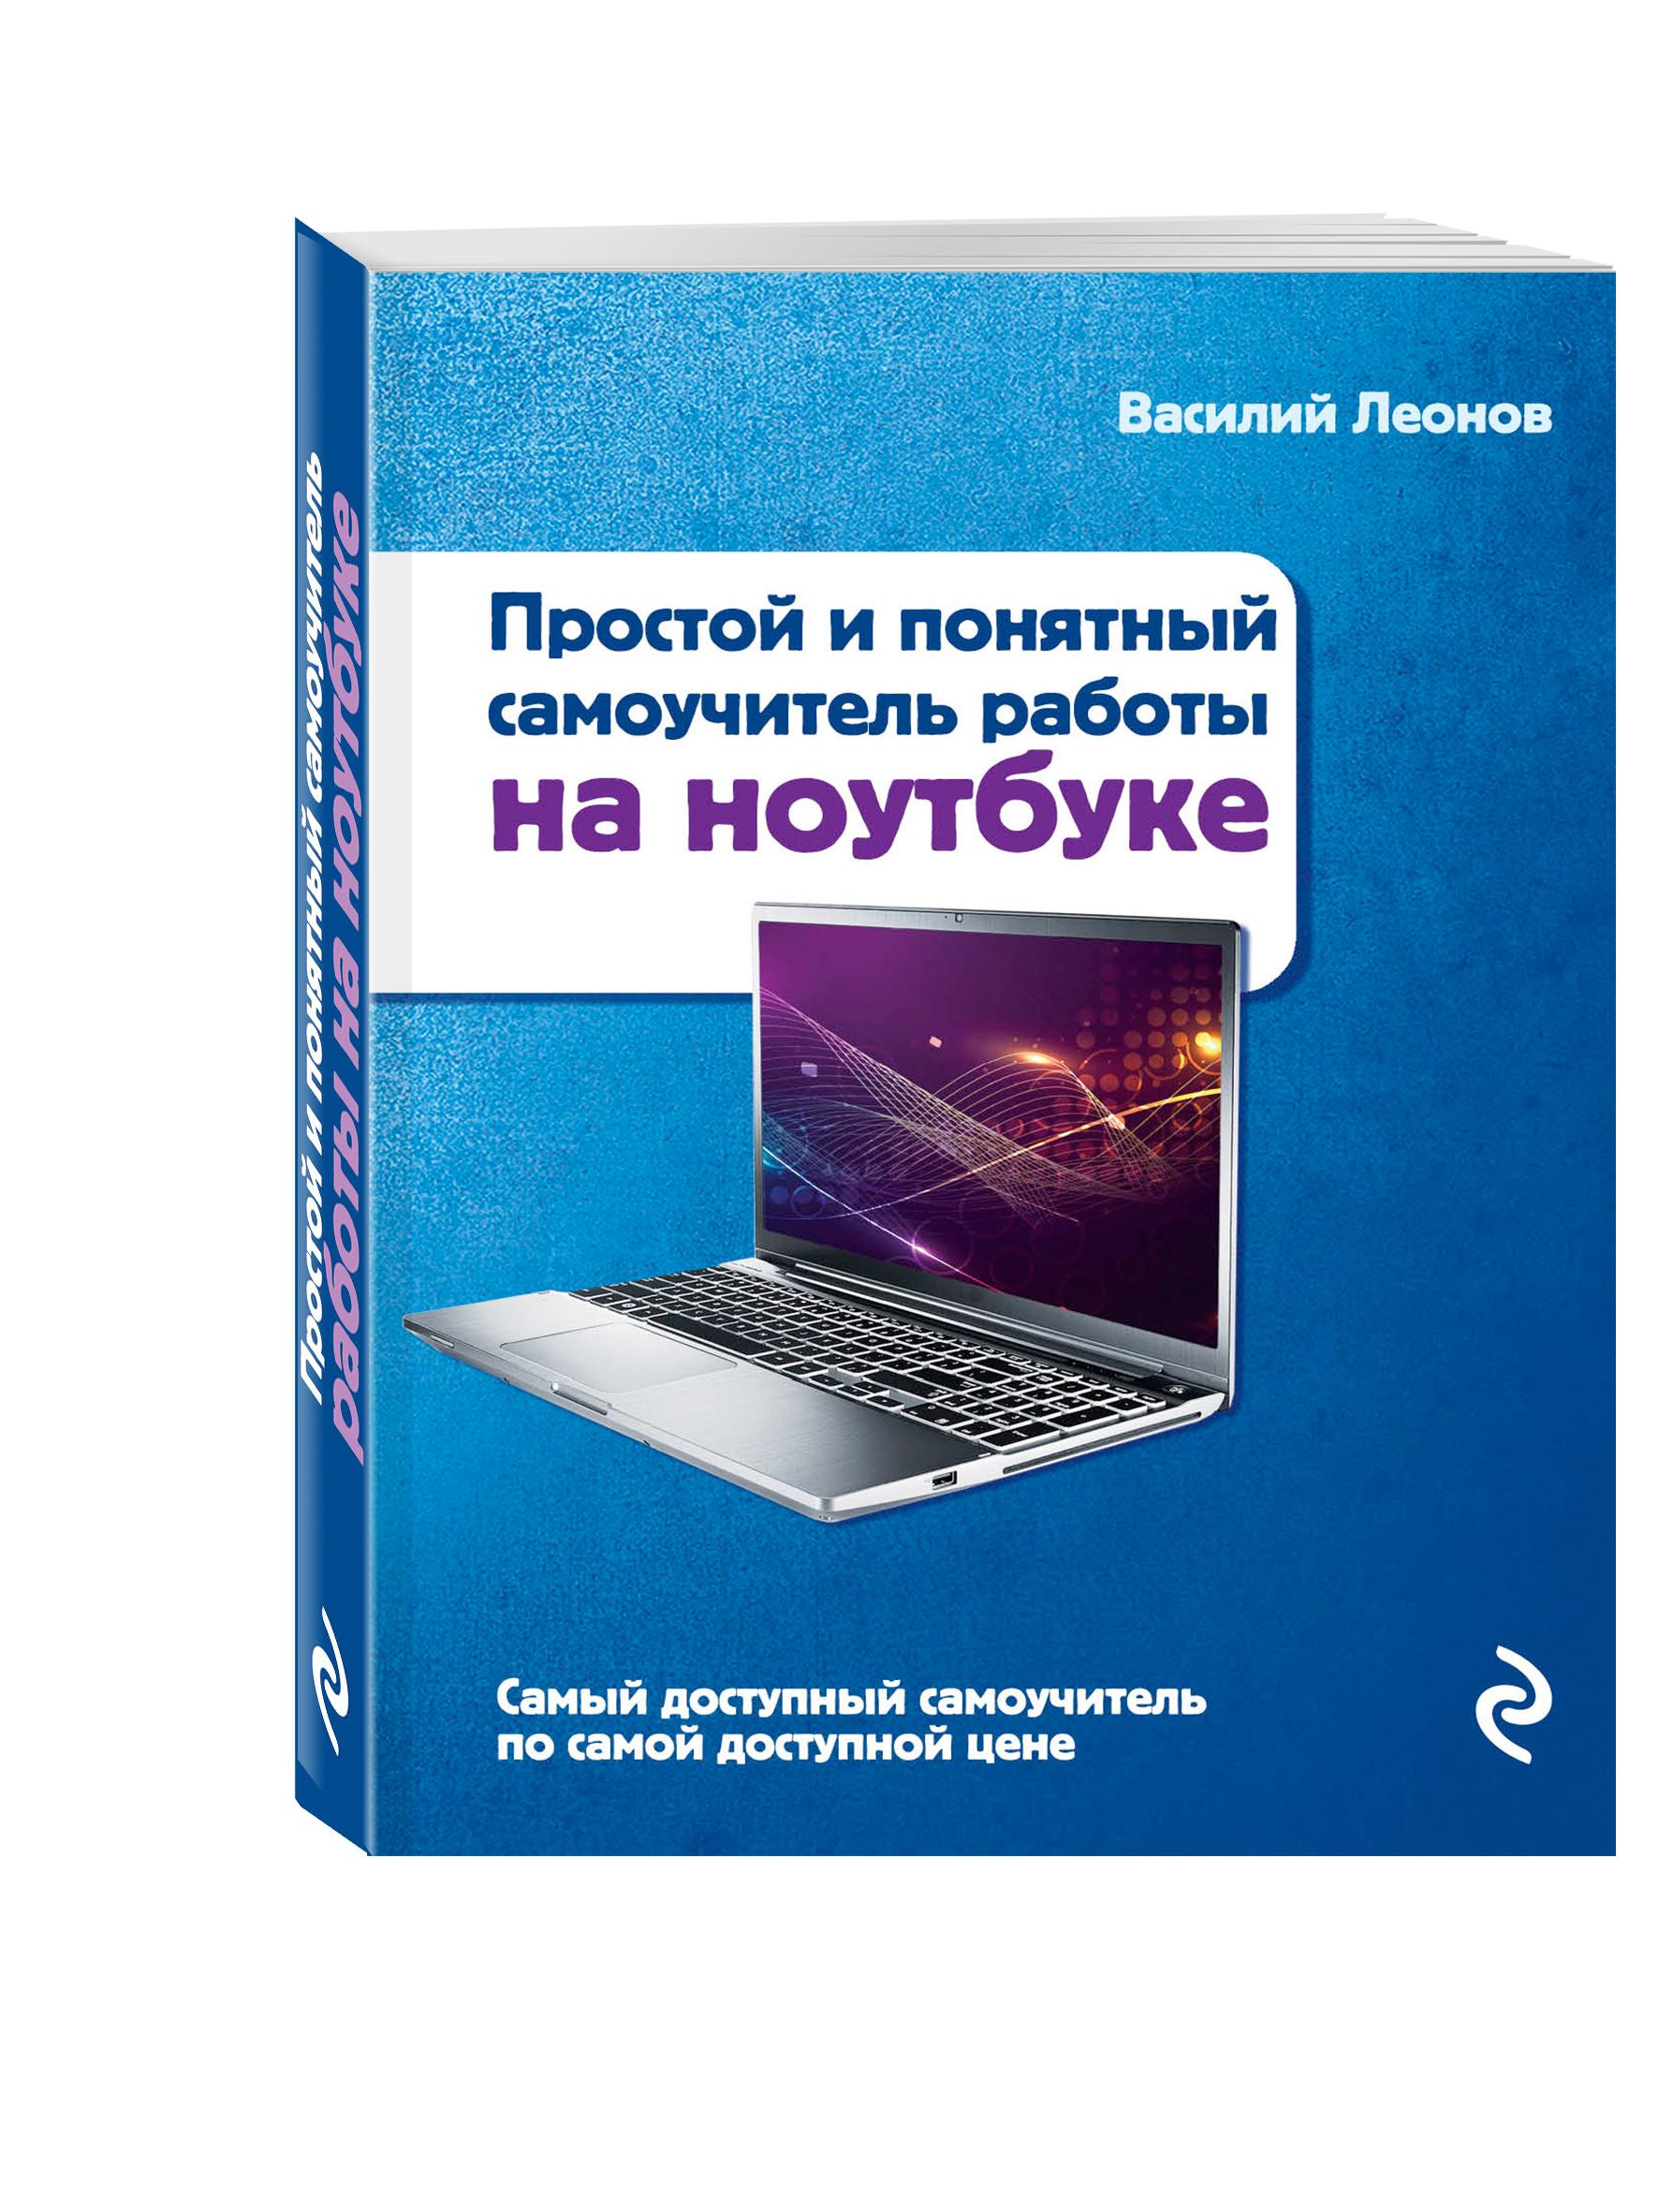 Леонов В. Простой и понятный самоучитель работы на ноутбуке. 2-е издание леонов василий простой и понятный самоучитель работы на ноутбуке